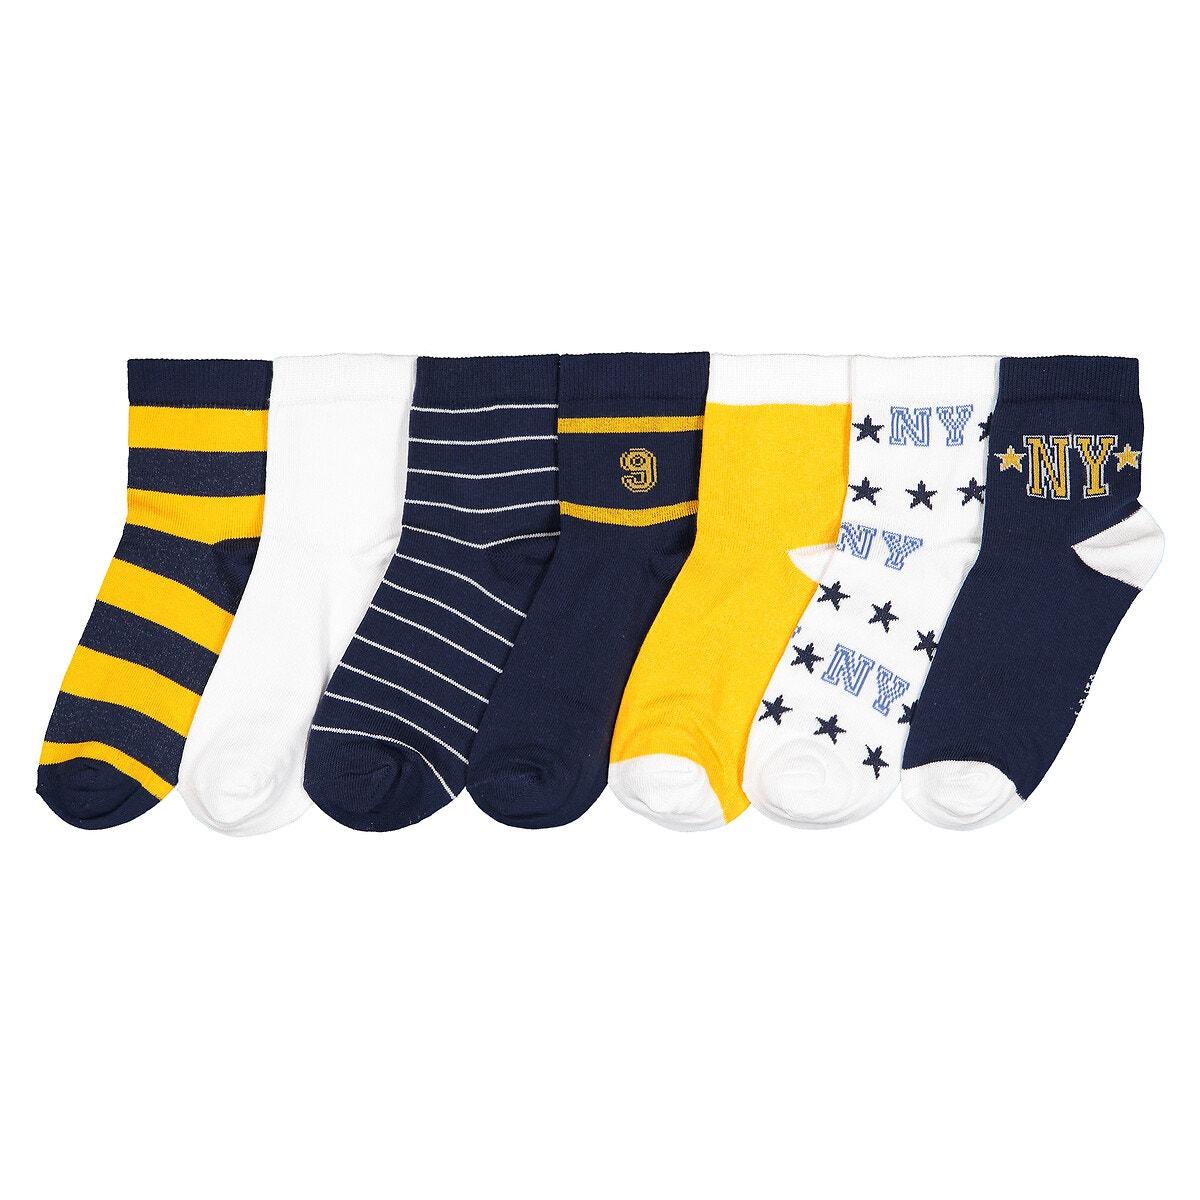 La Redoute Collections - Σετ 7 ζευγάρια κάλτσες 350177652 - ...